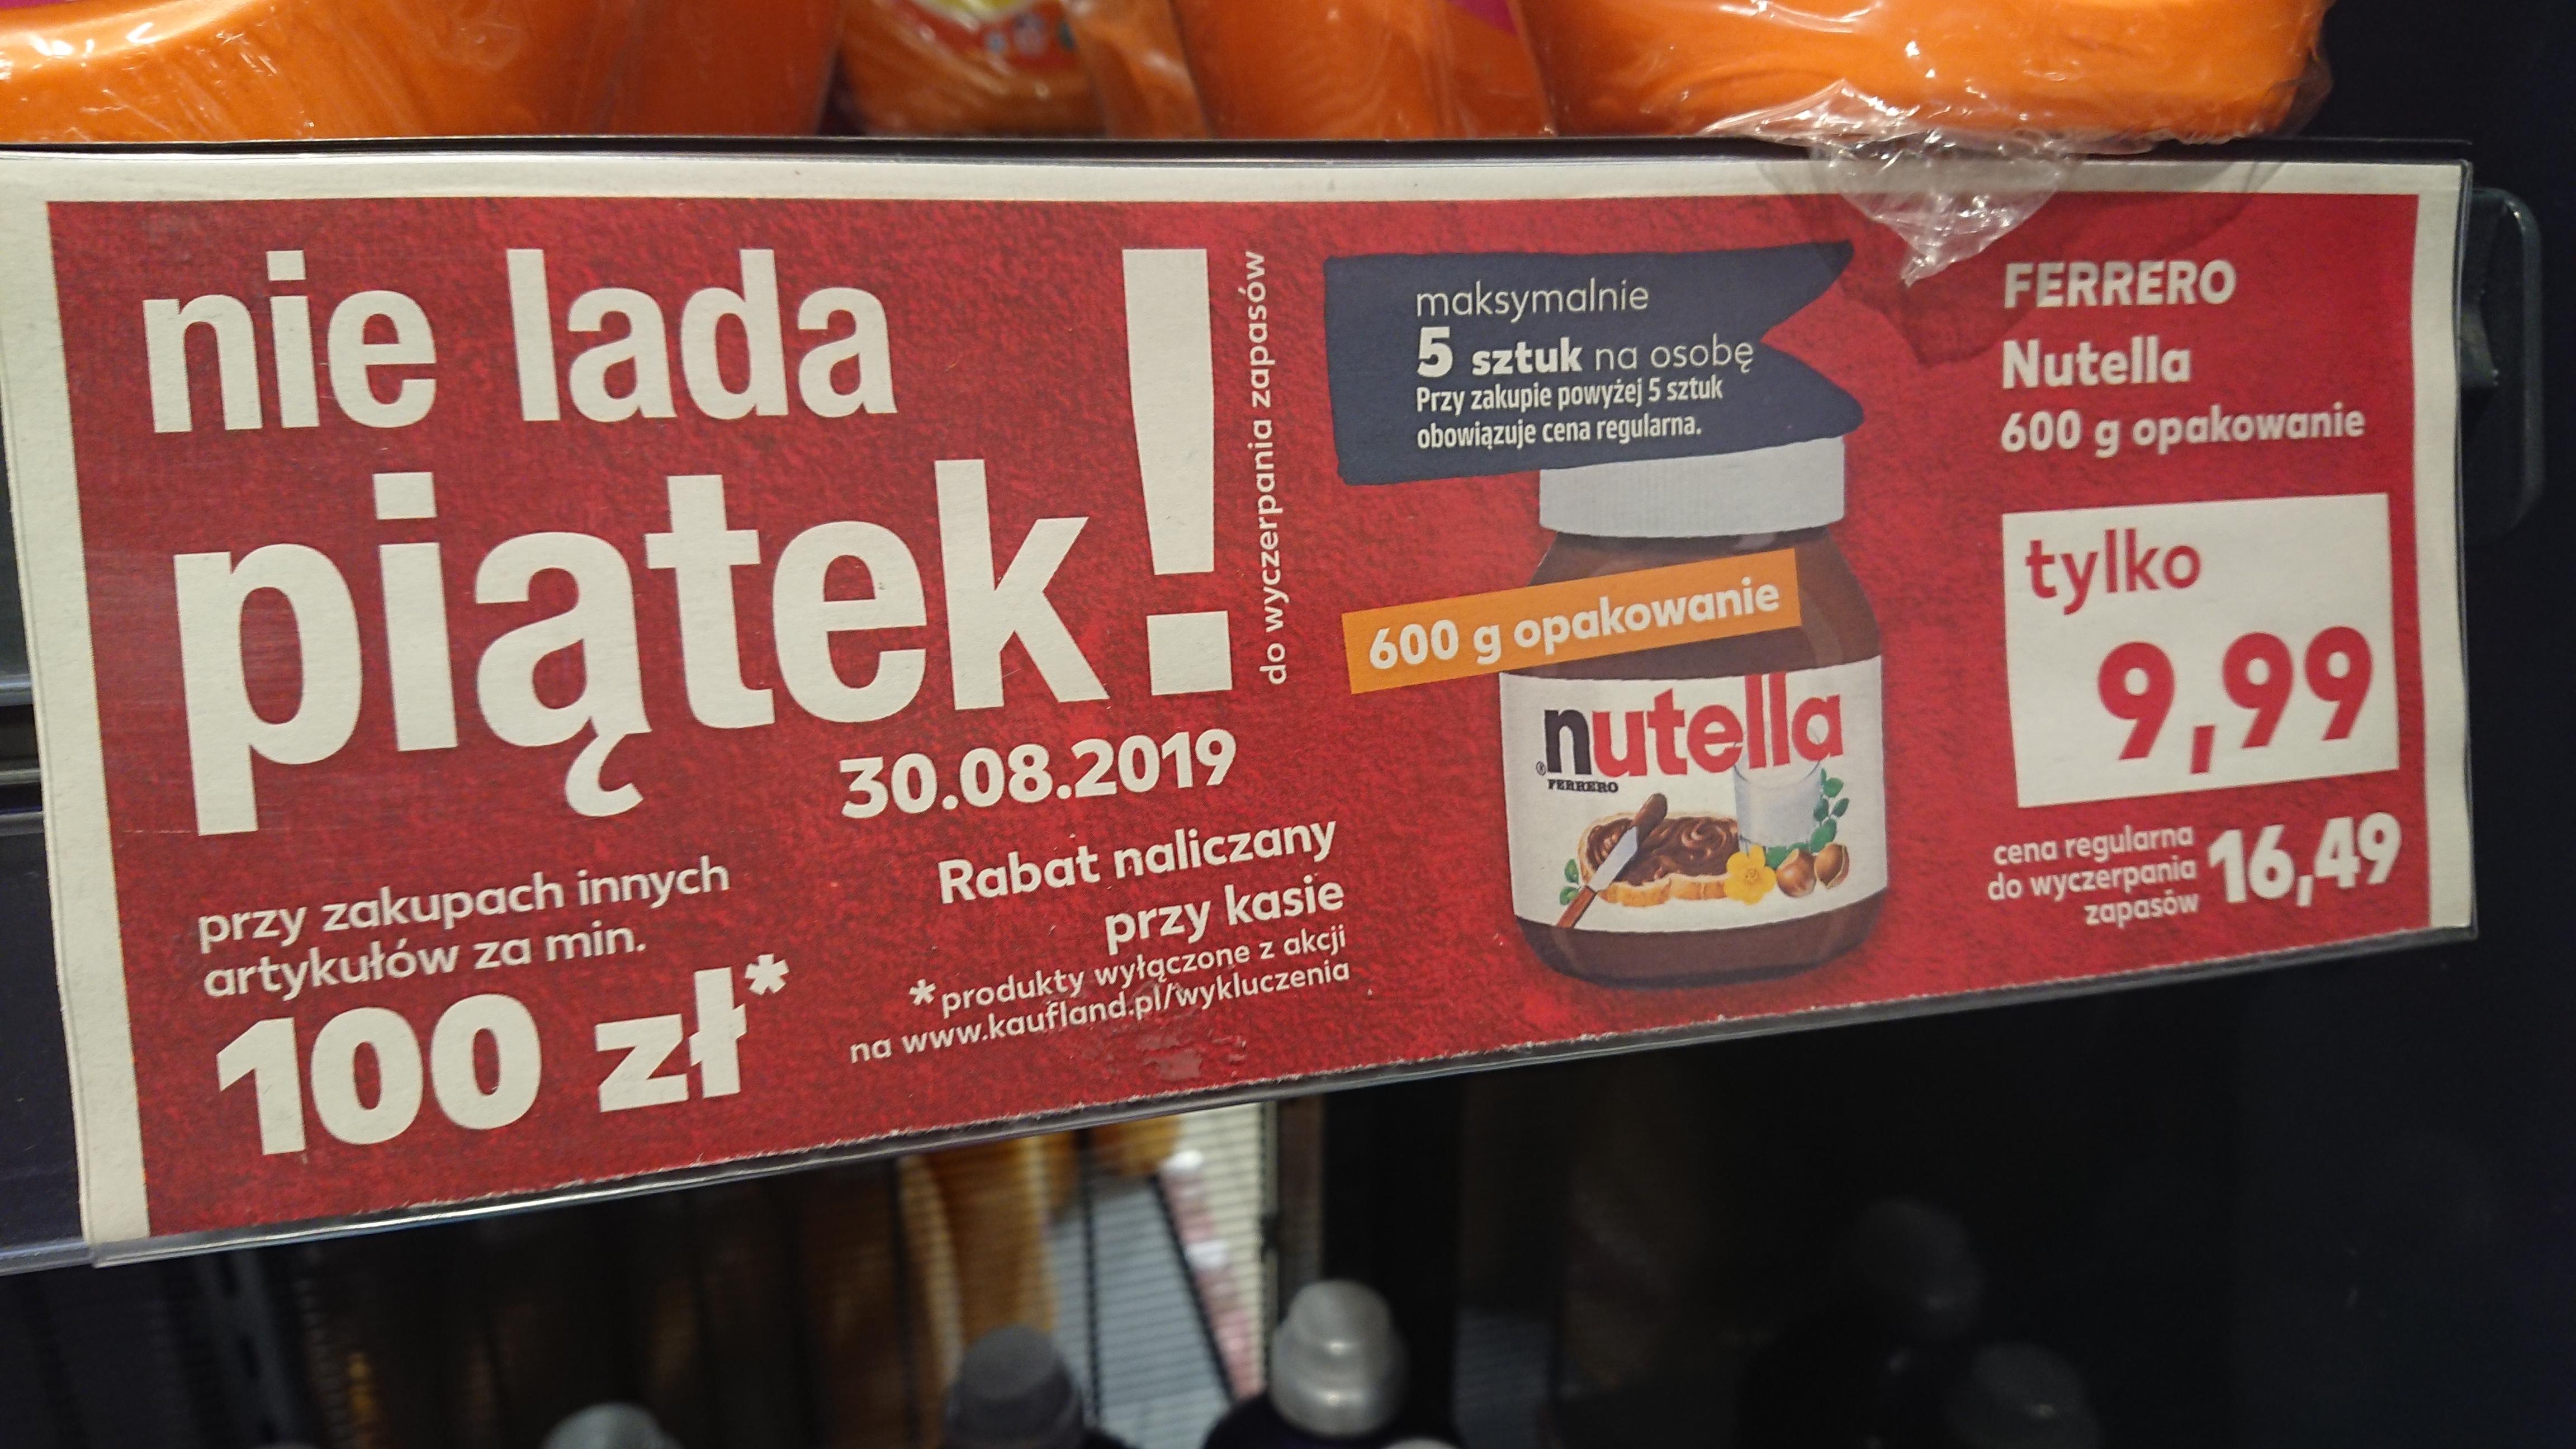 Nutella 600g przy zakupach za 100 zł